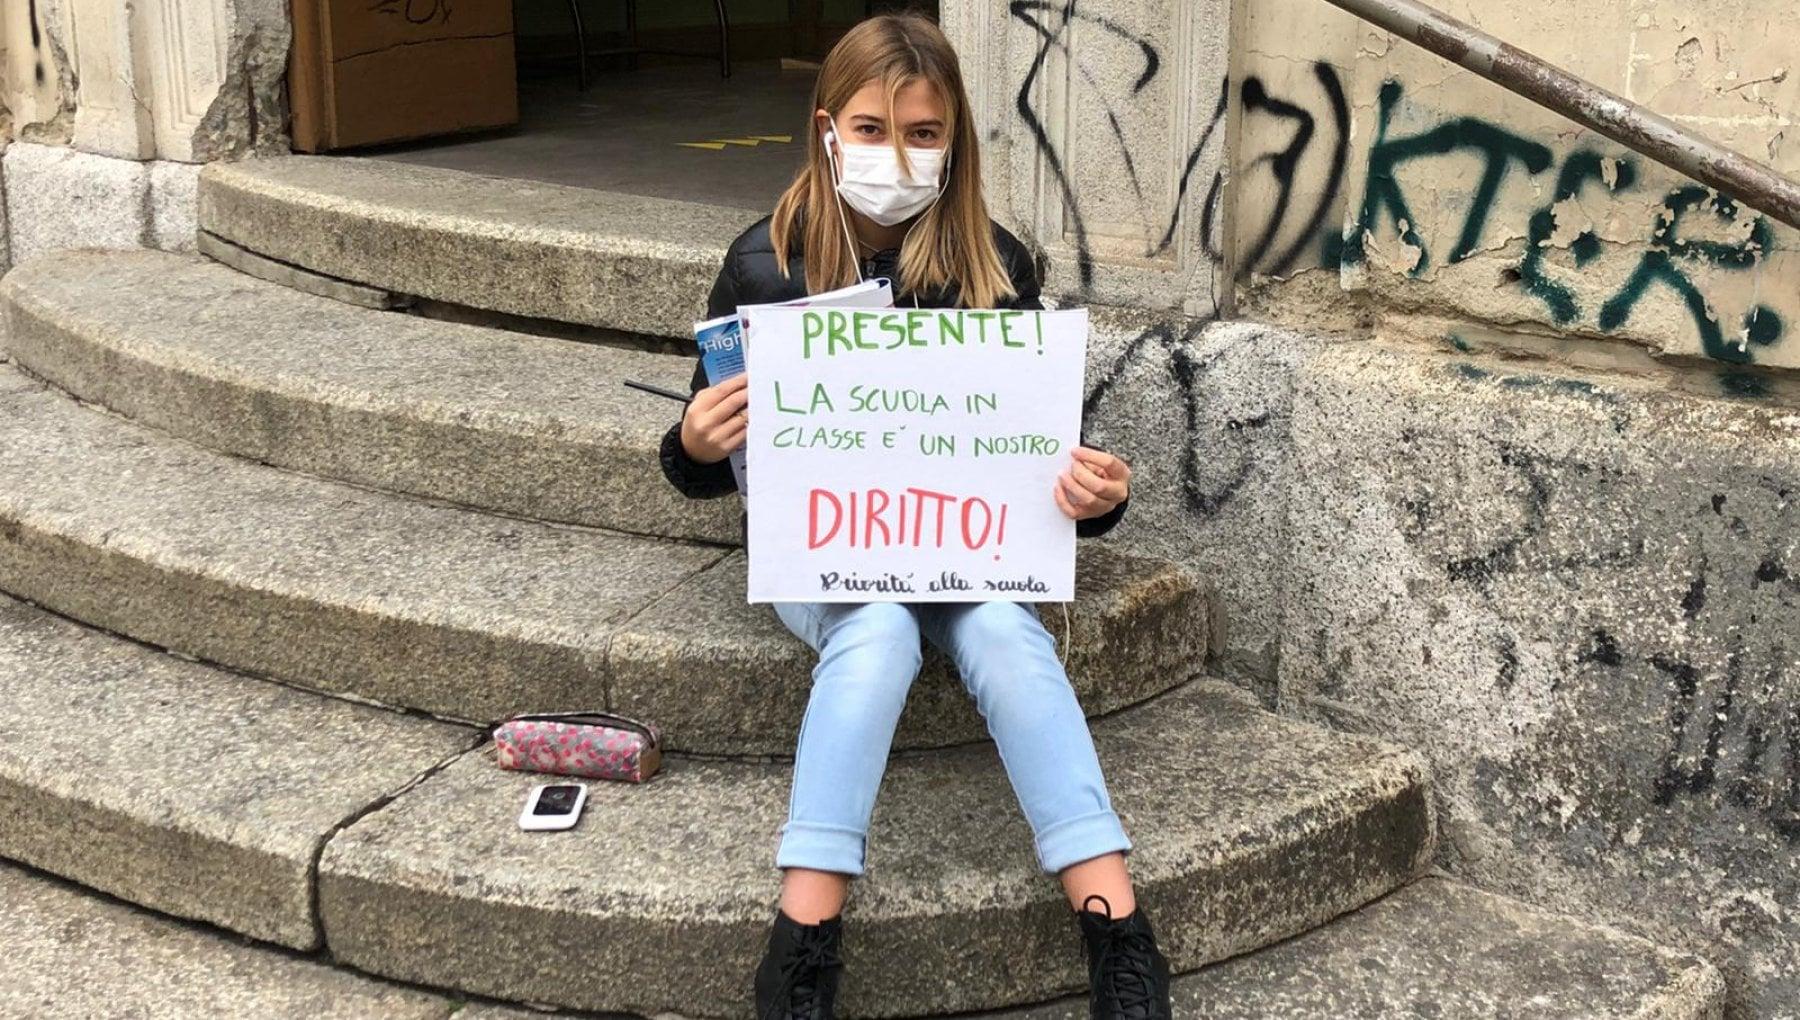 Azzolina chiama Anita dodicenne di Torino che fa lezione davanti alla scuola chiusa Sei ammirevole